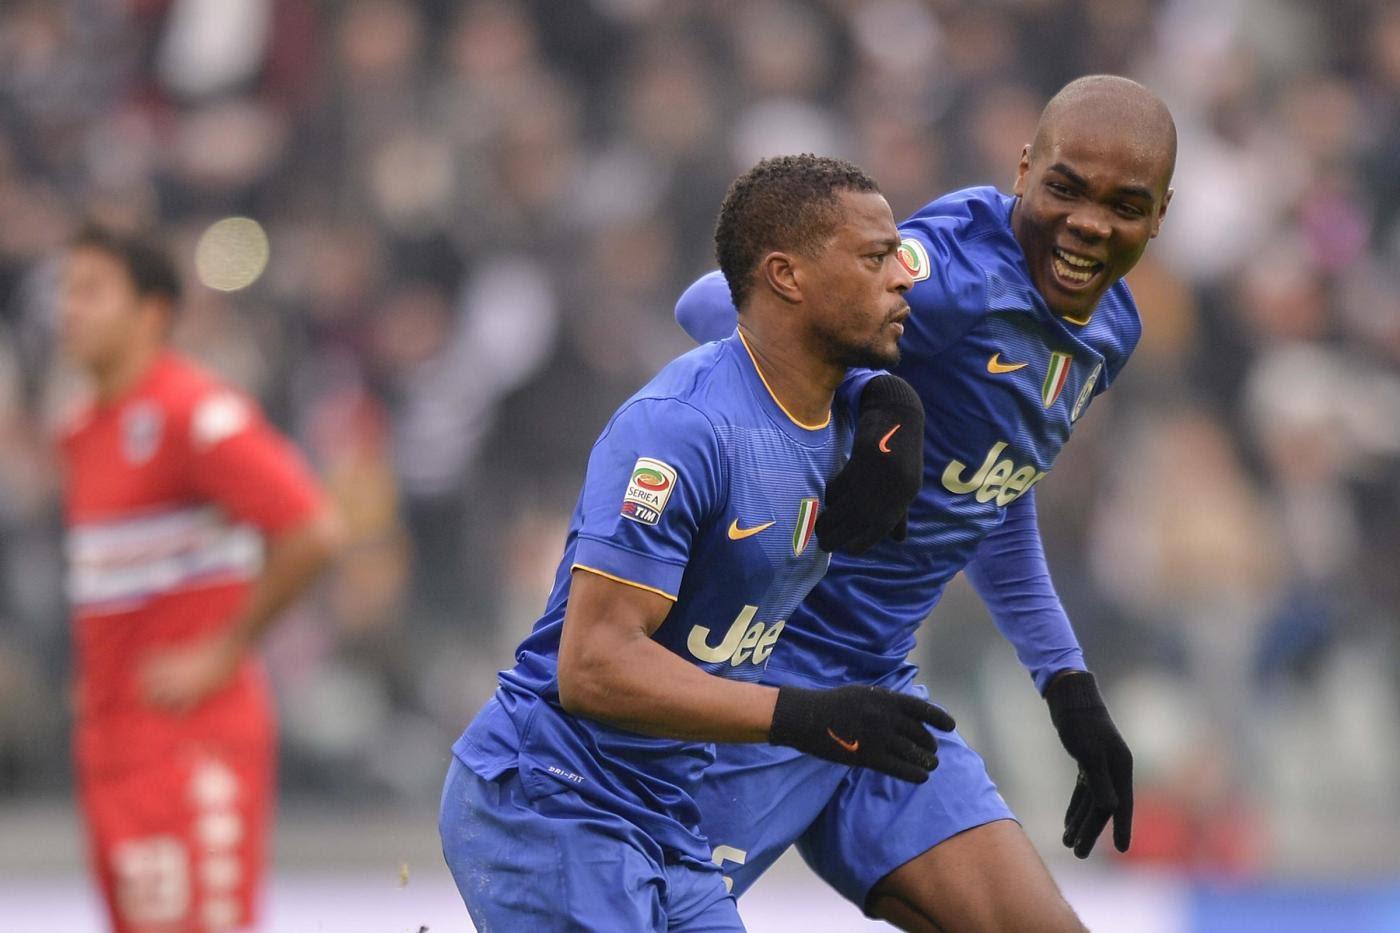 Juventus-Sampdoria 1-1 14/12 /2014 Highlights